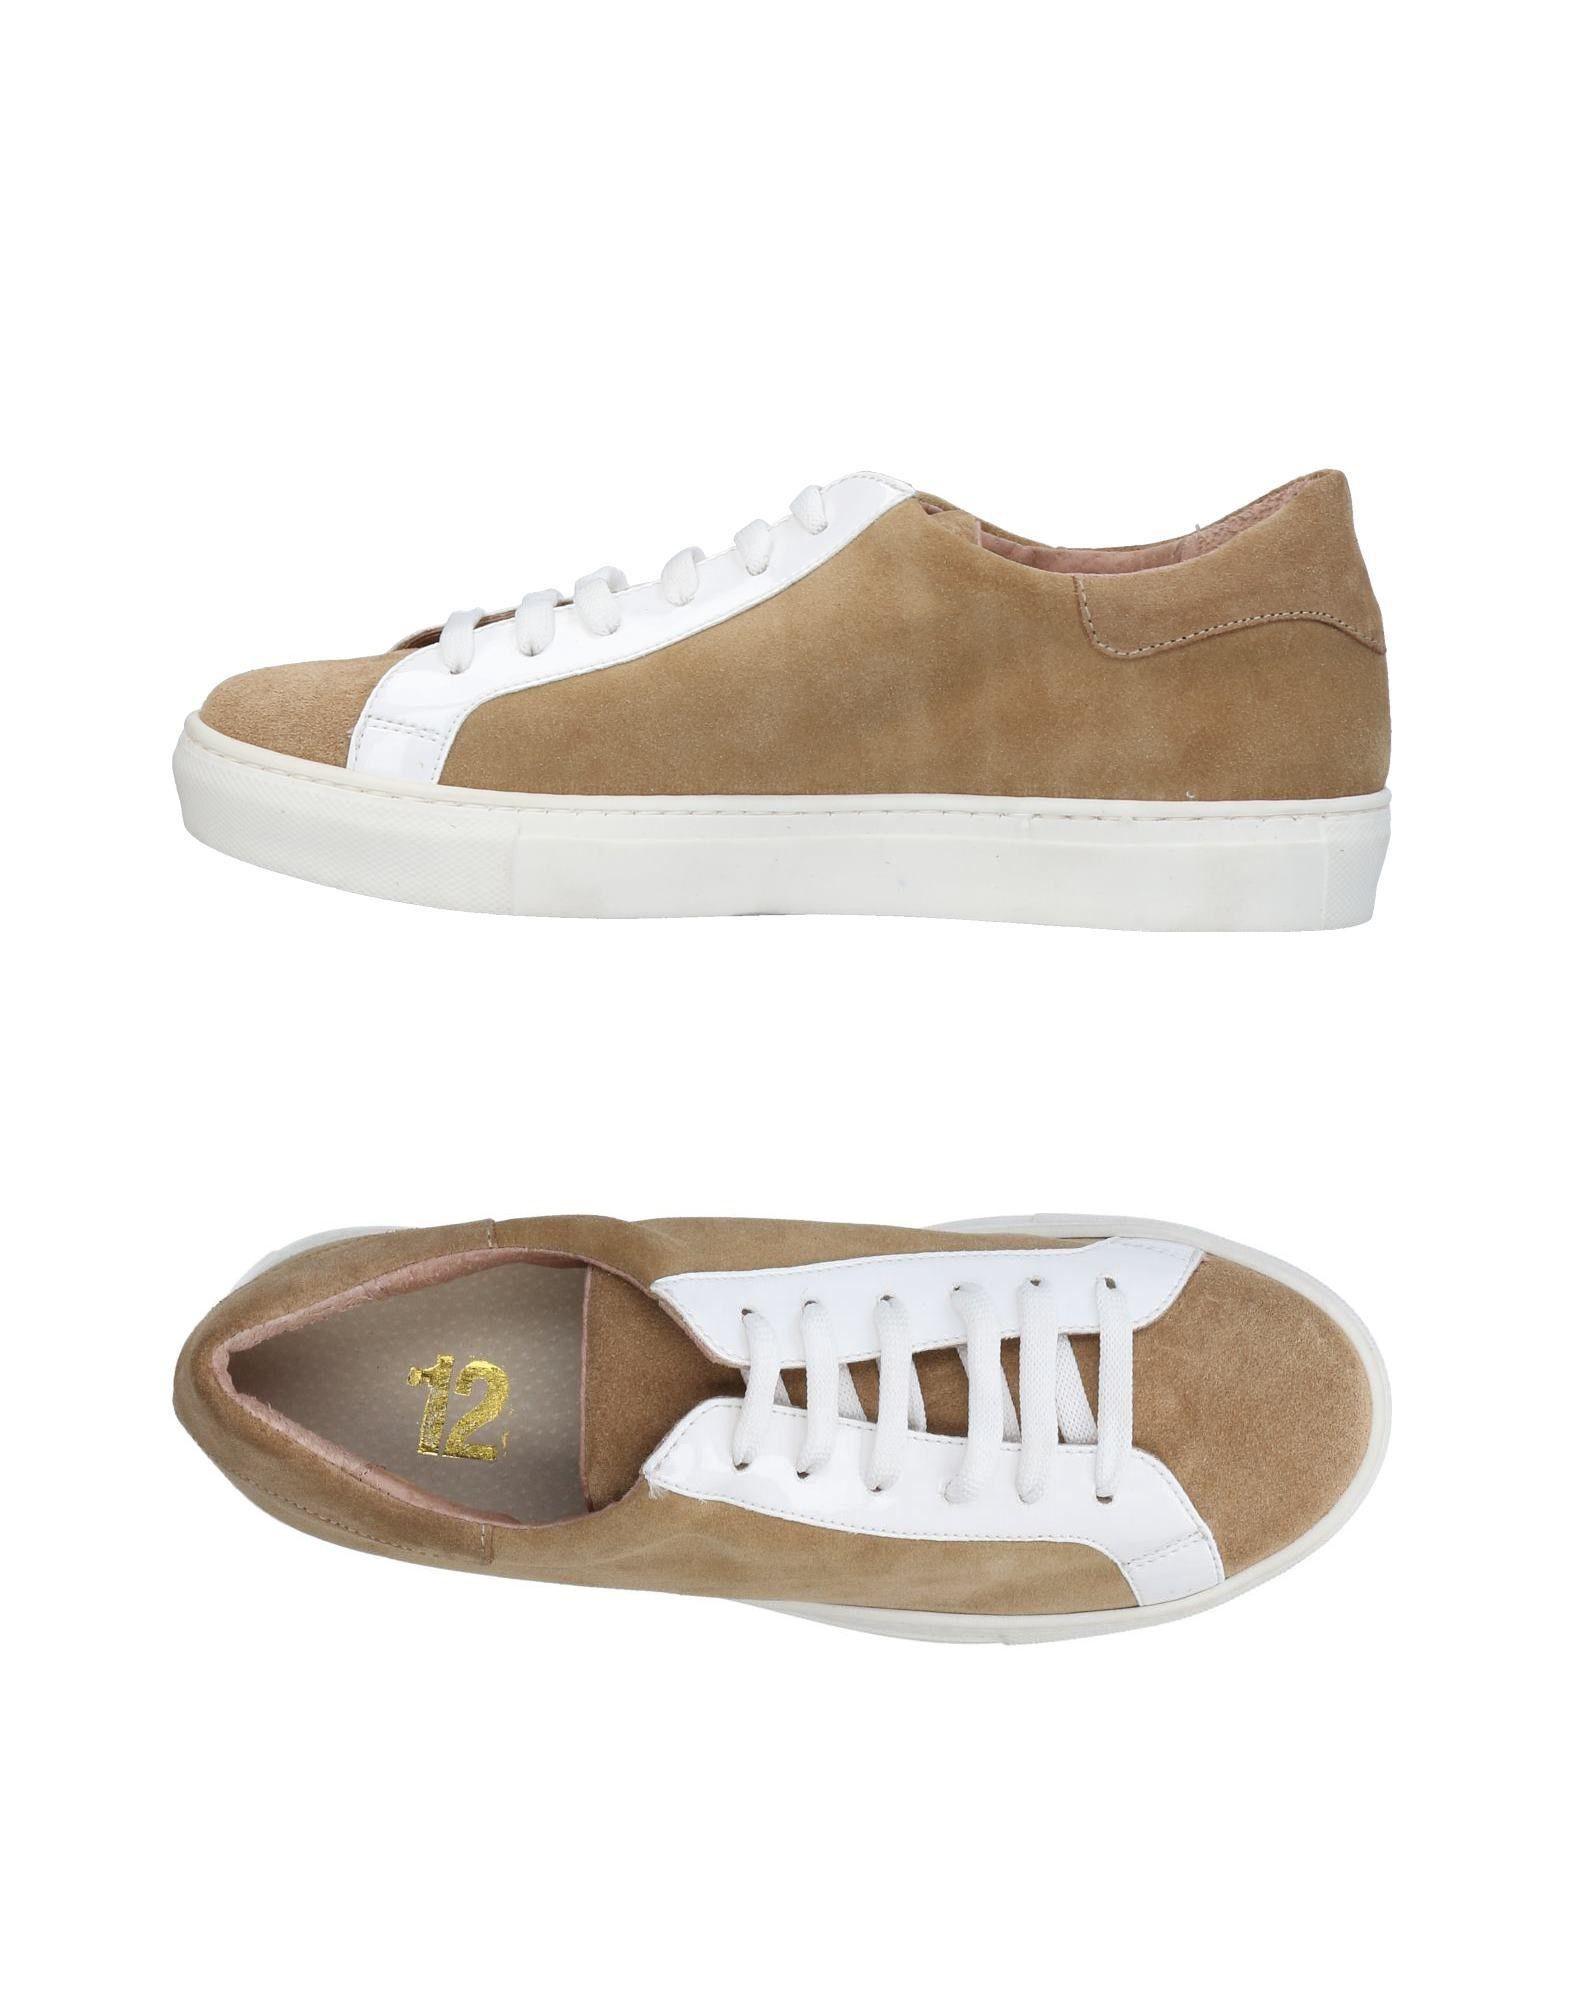 Tsd12 Sneakers Damen  11454030EM Gute Qualität beliebte Schuhe